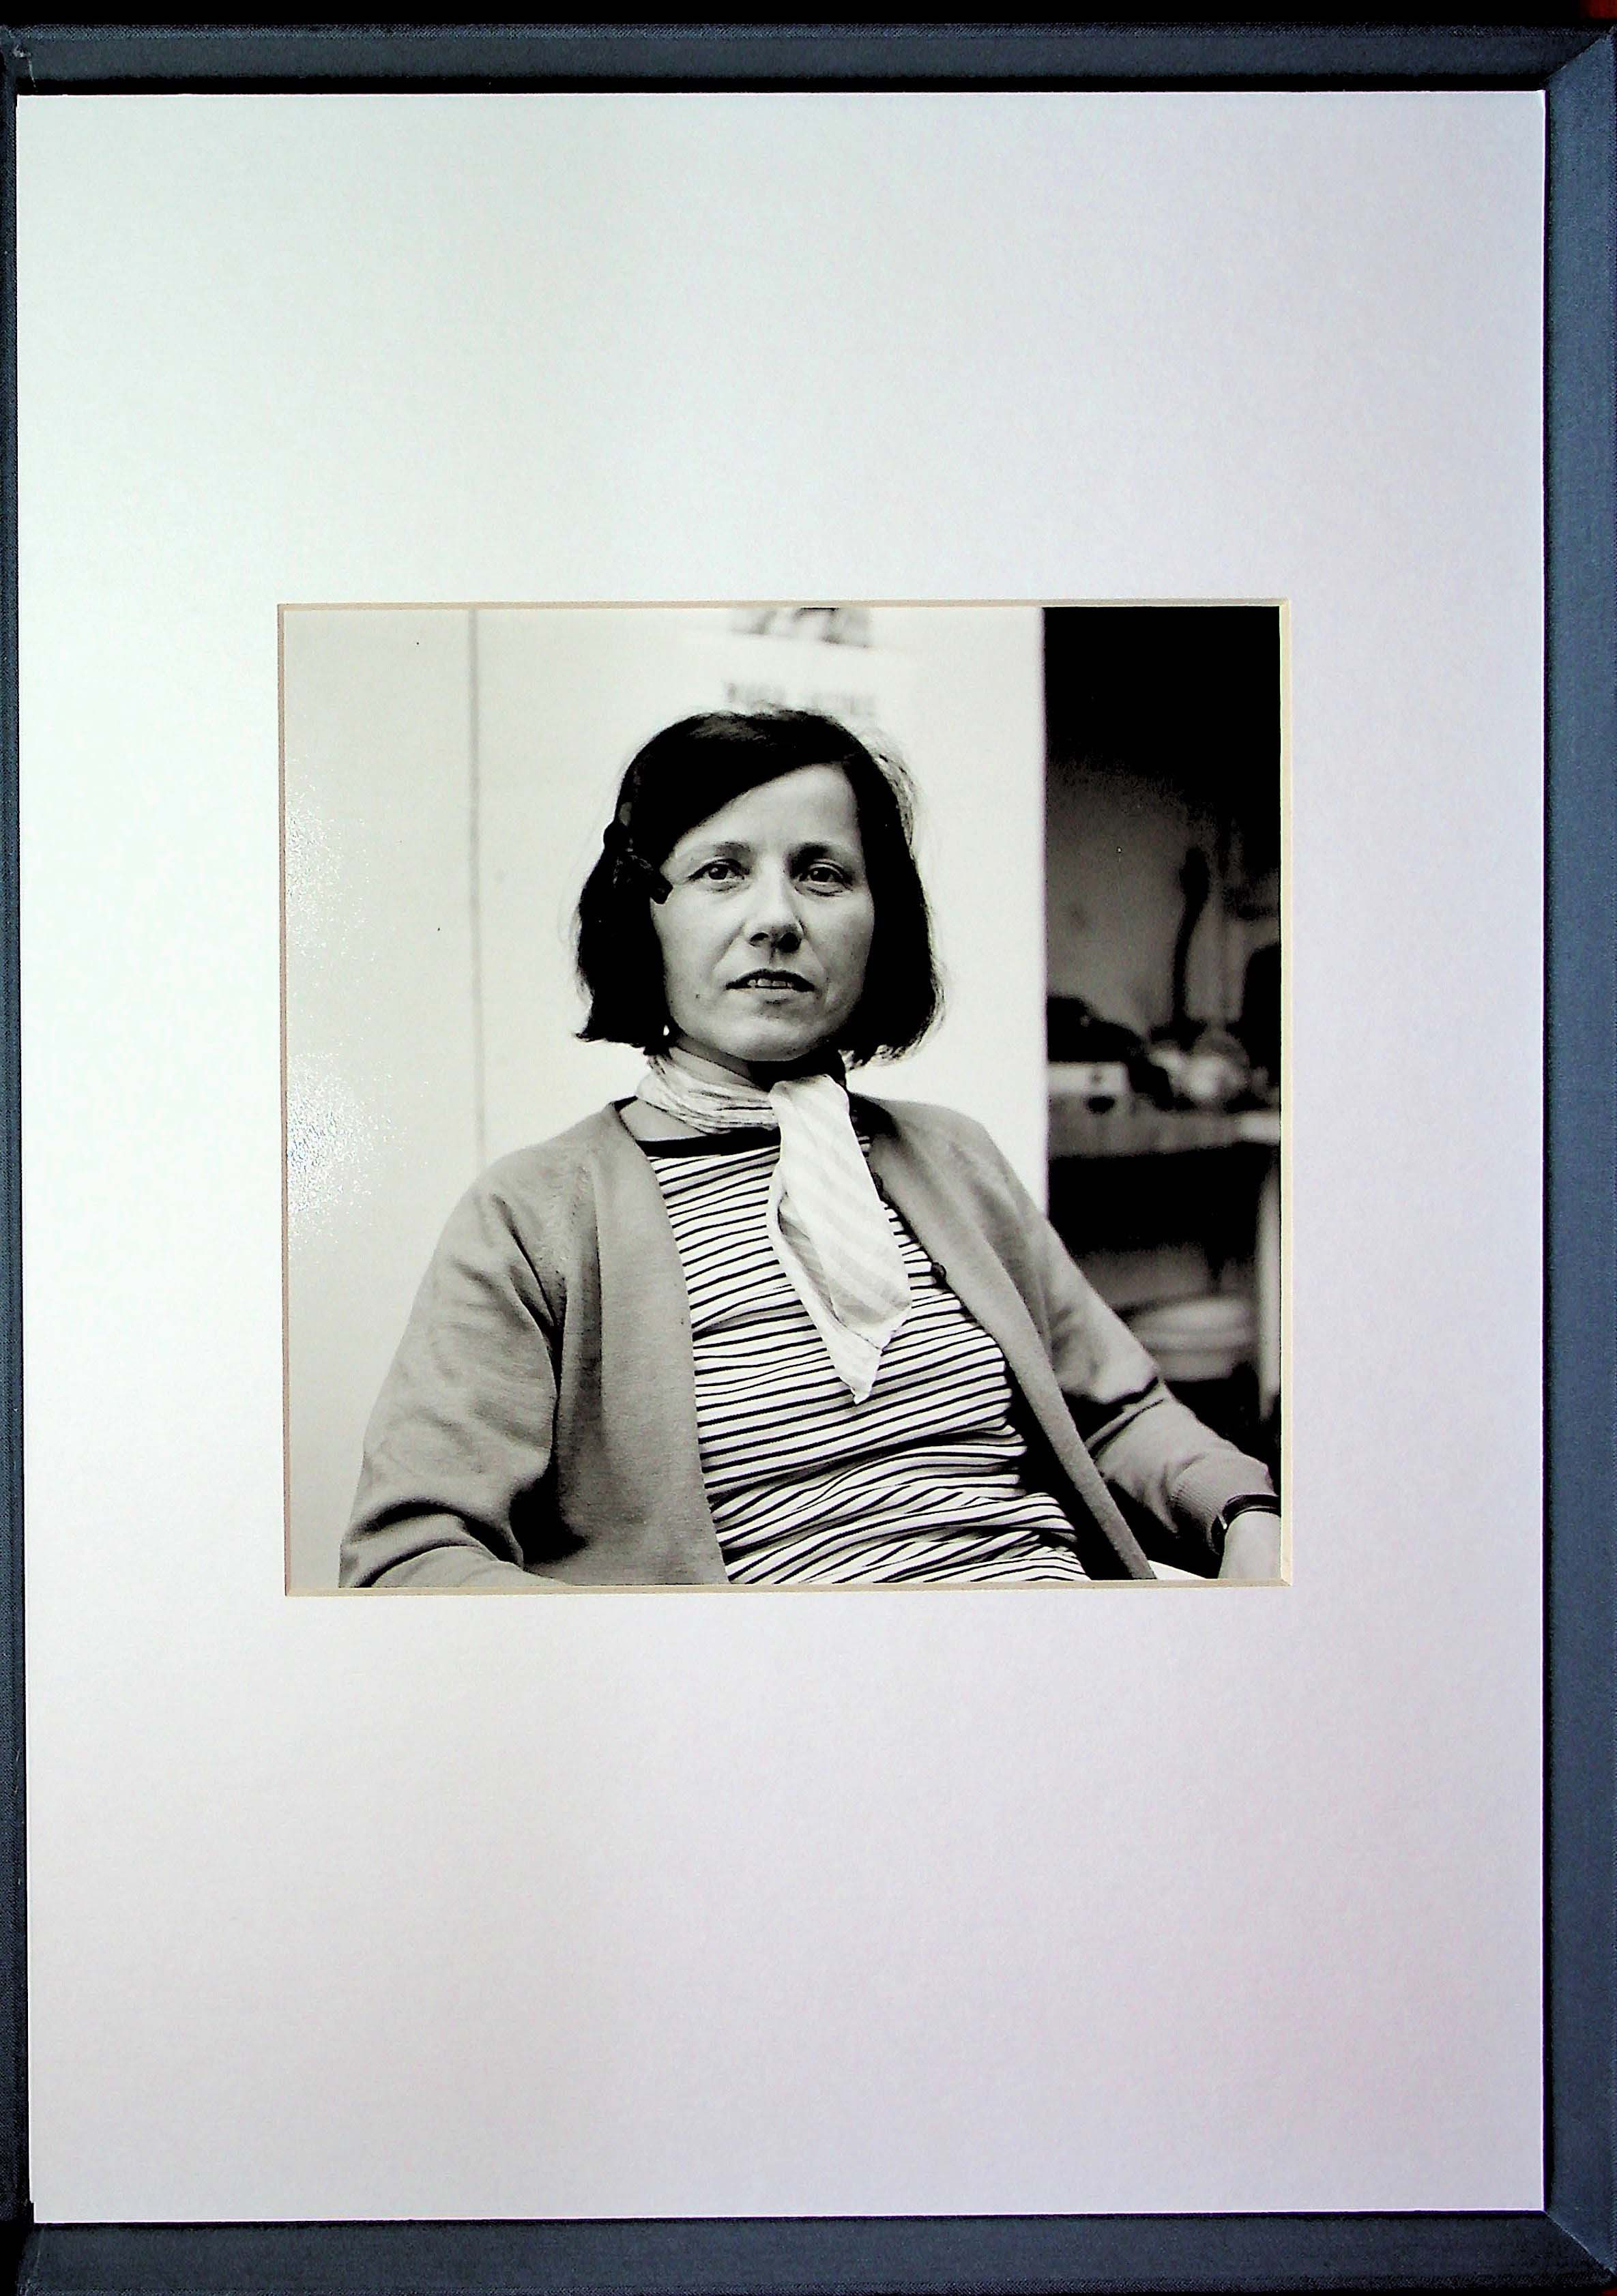 BREICHA : VOR ORT I Fotografische Bildnisse der 1960er Jahre, Bildende